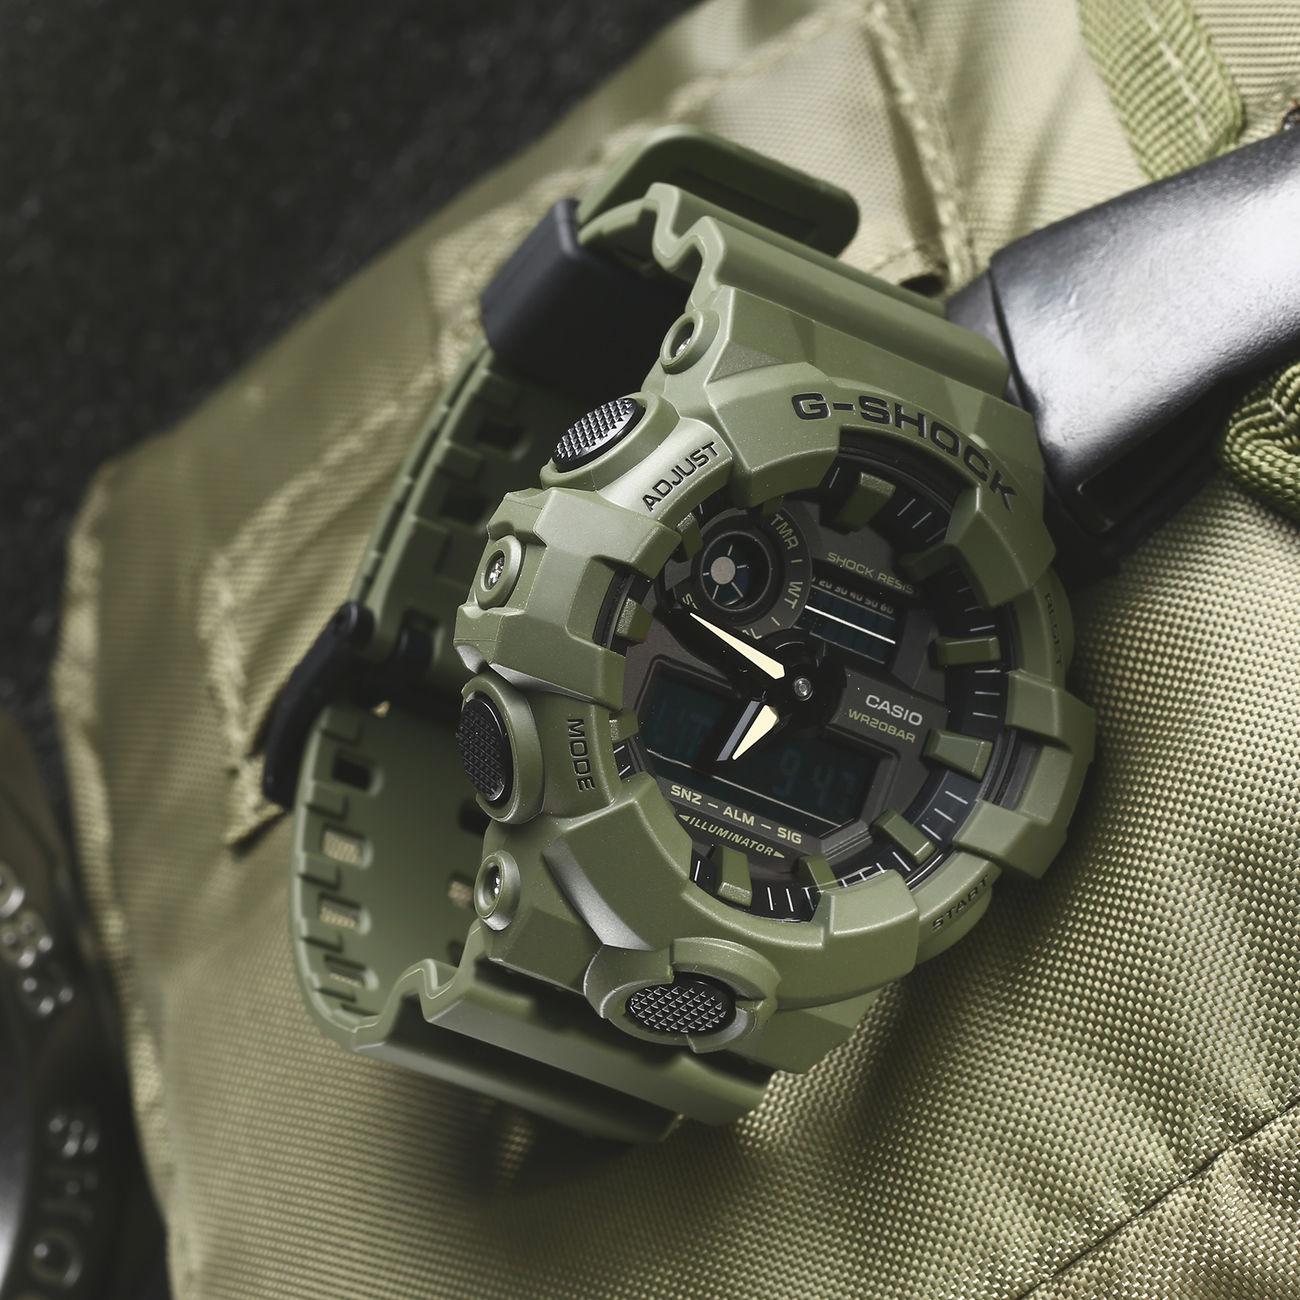 Casio Armbanduhr G Shock Ga 700uc 3aer Oliv Gnstig Kaufen Kotte Gd 400mb 1